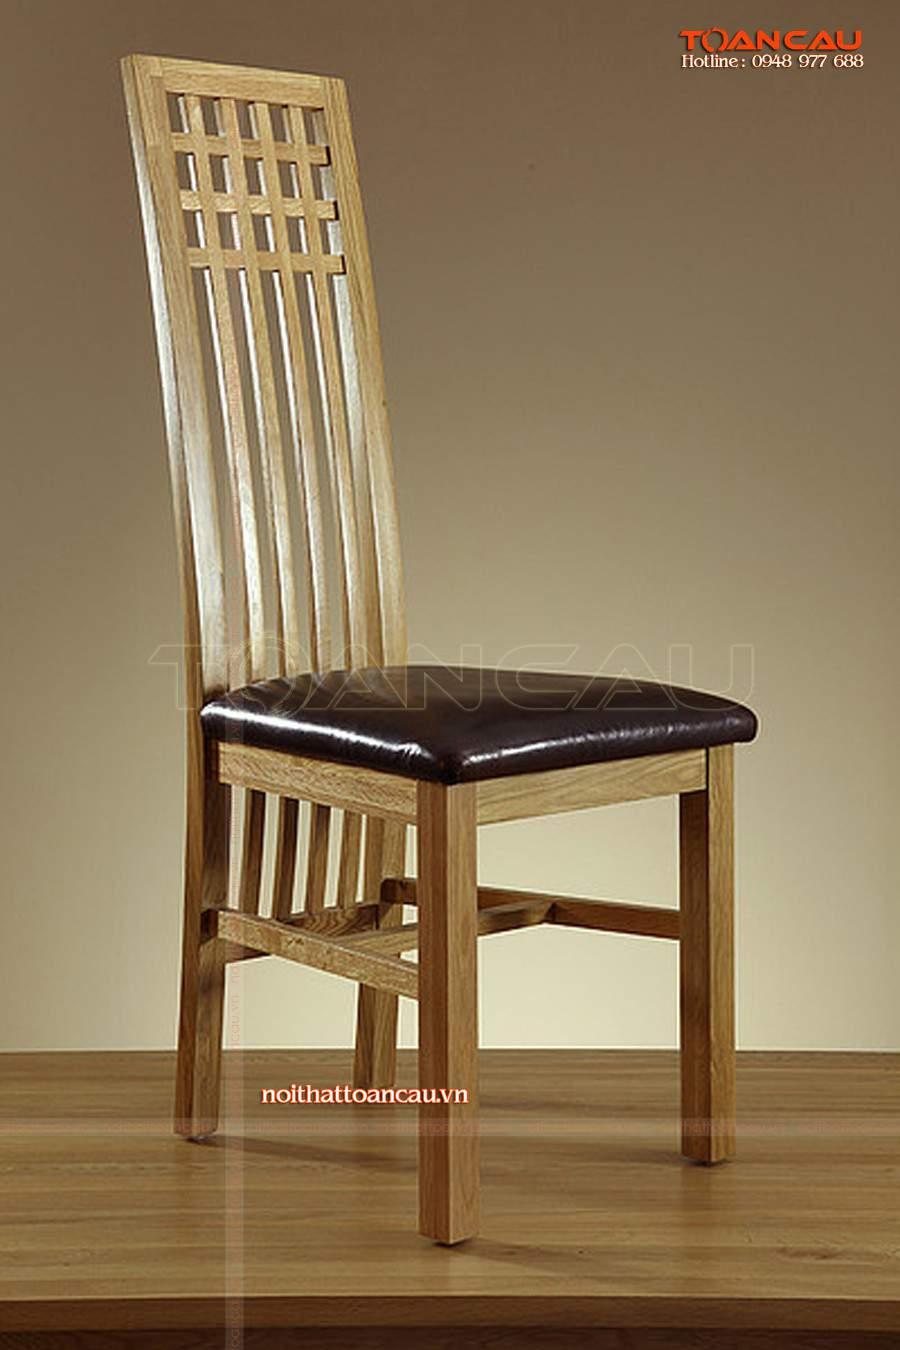 Ghế ăn làm bằng gỗ Sồi tốt nhất, chất lượng đảm bảo lâu dài khi sử dụng